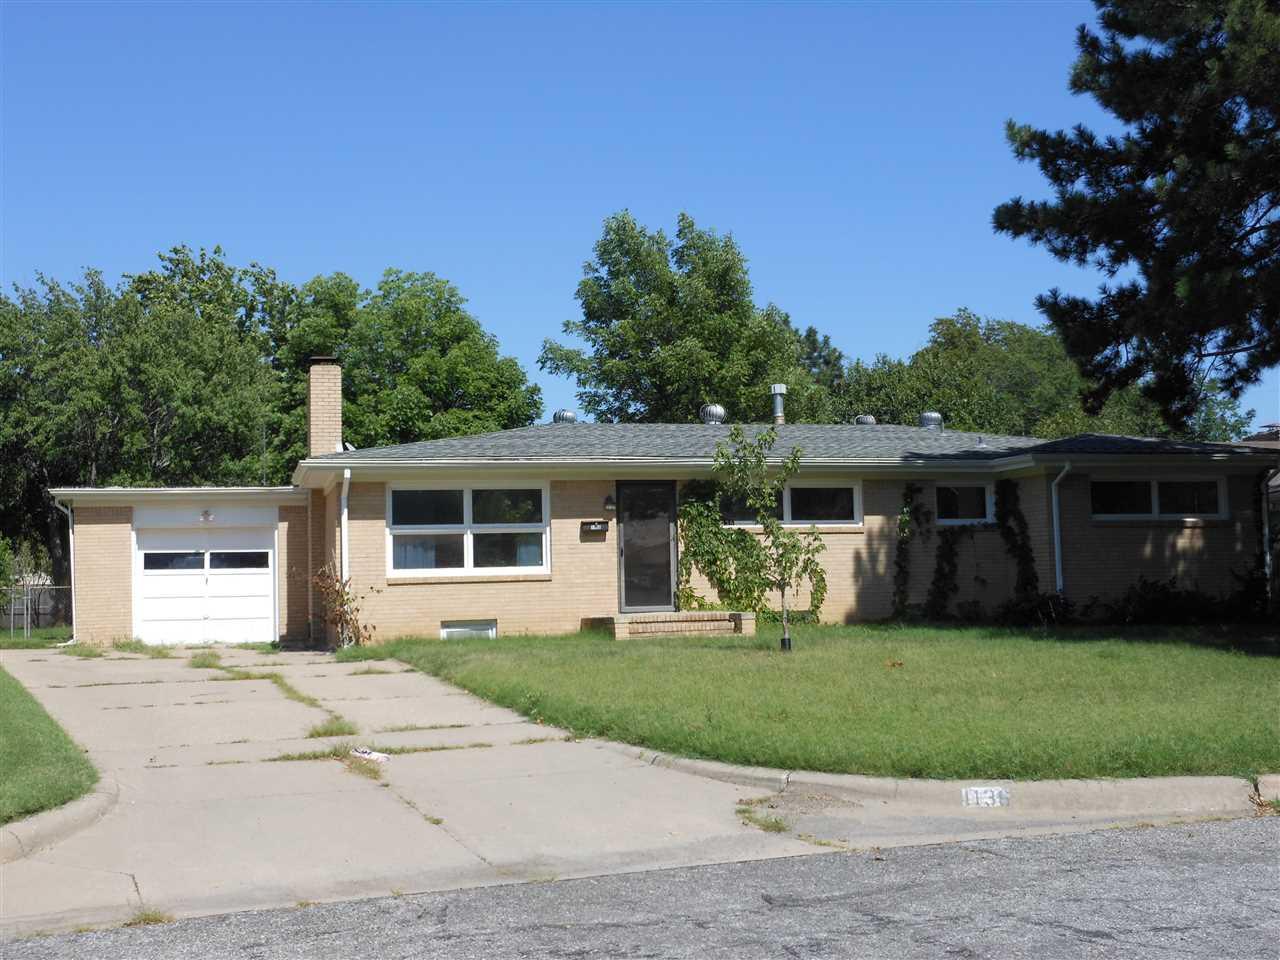 1136 N Parkwood Ln, Wichita, KS 67208